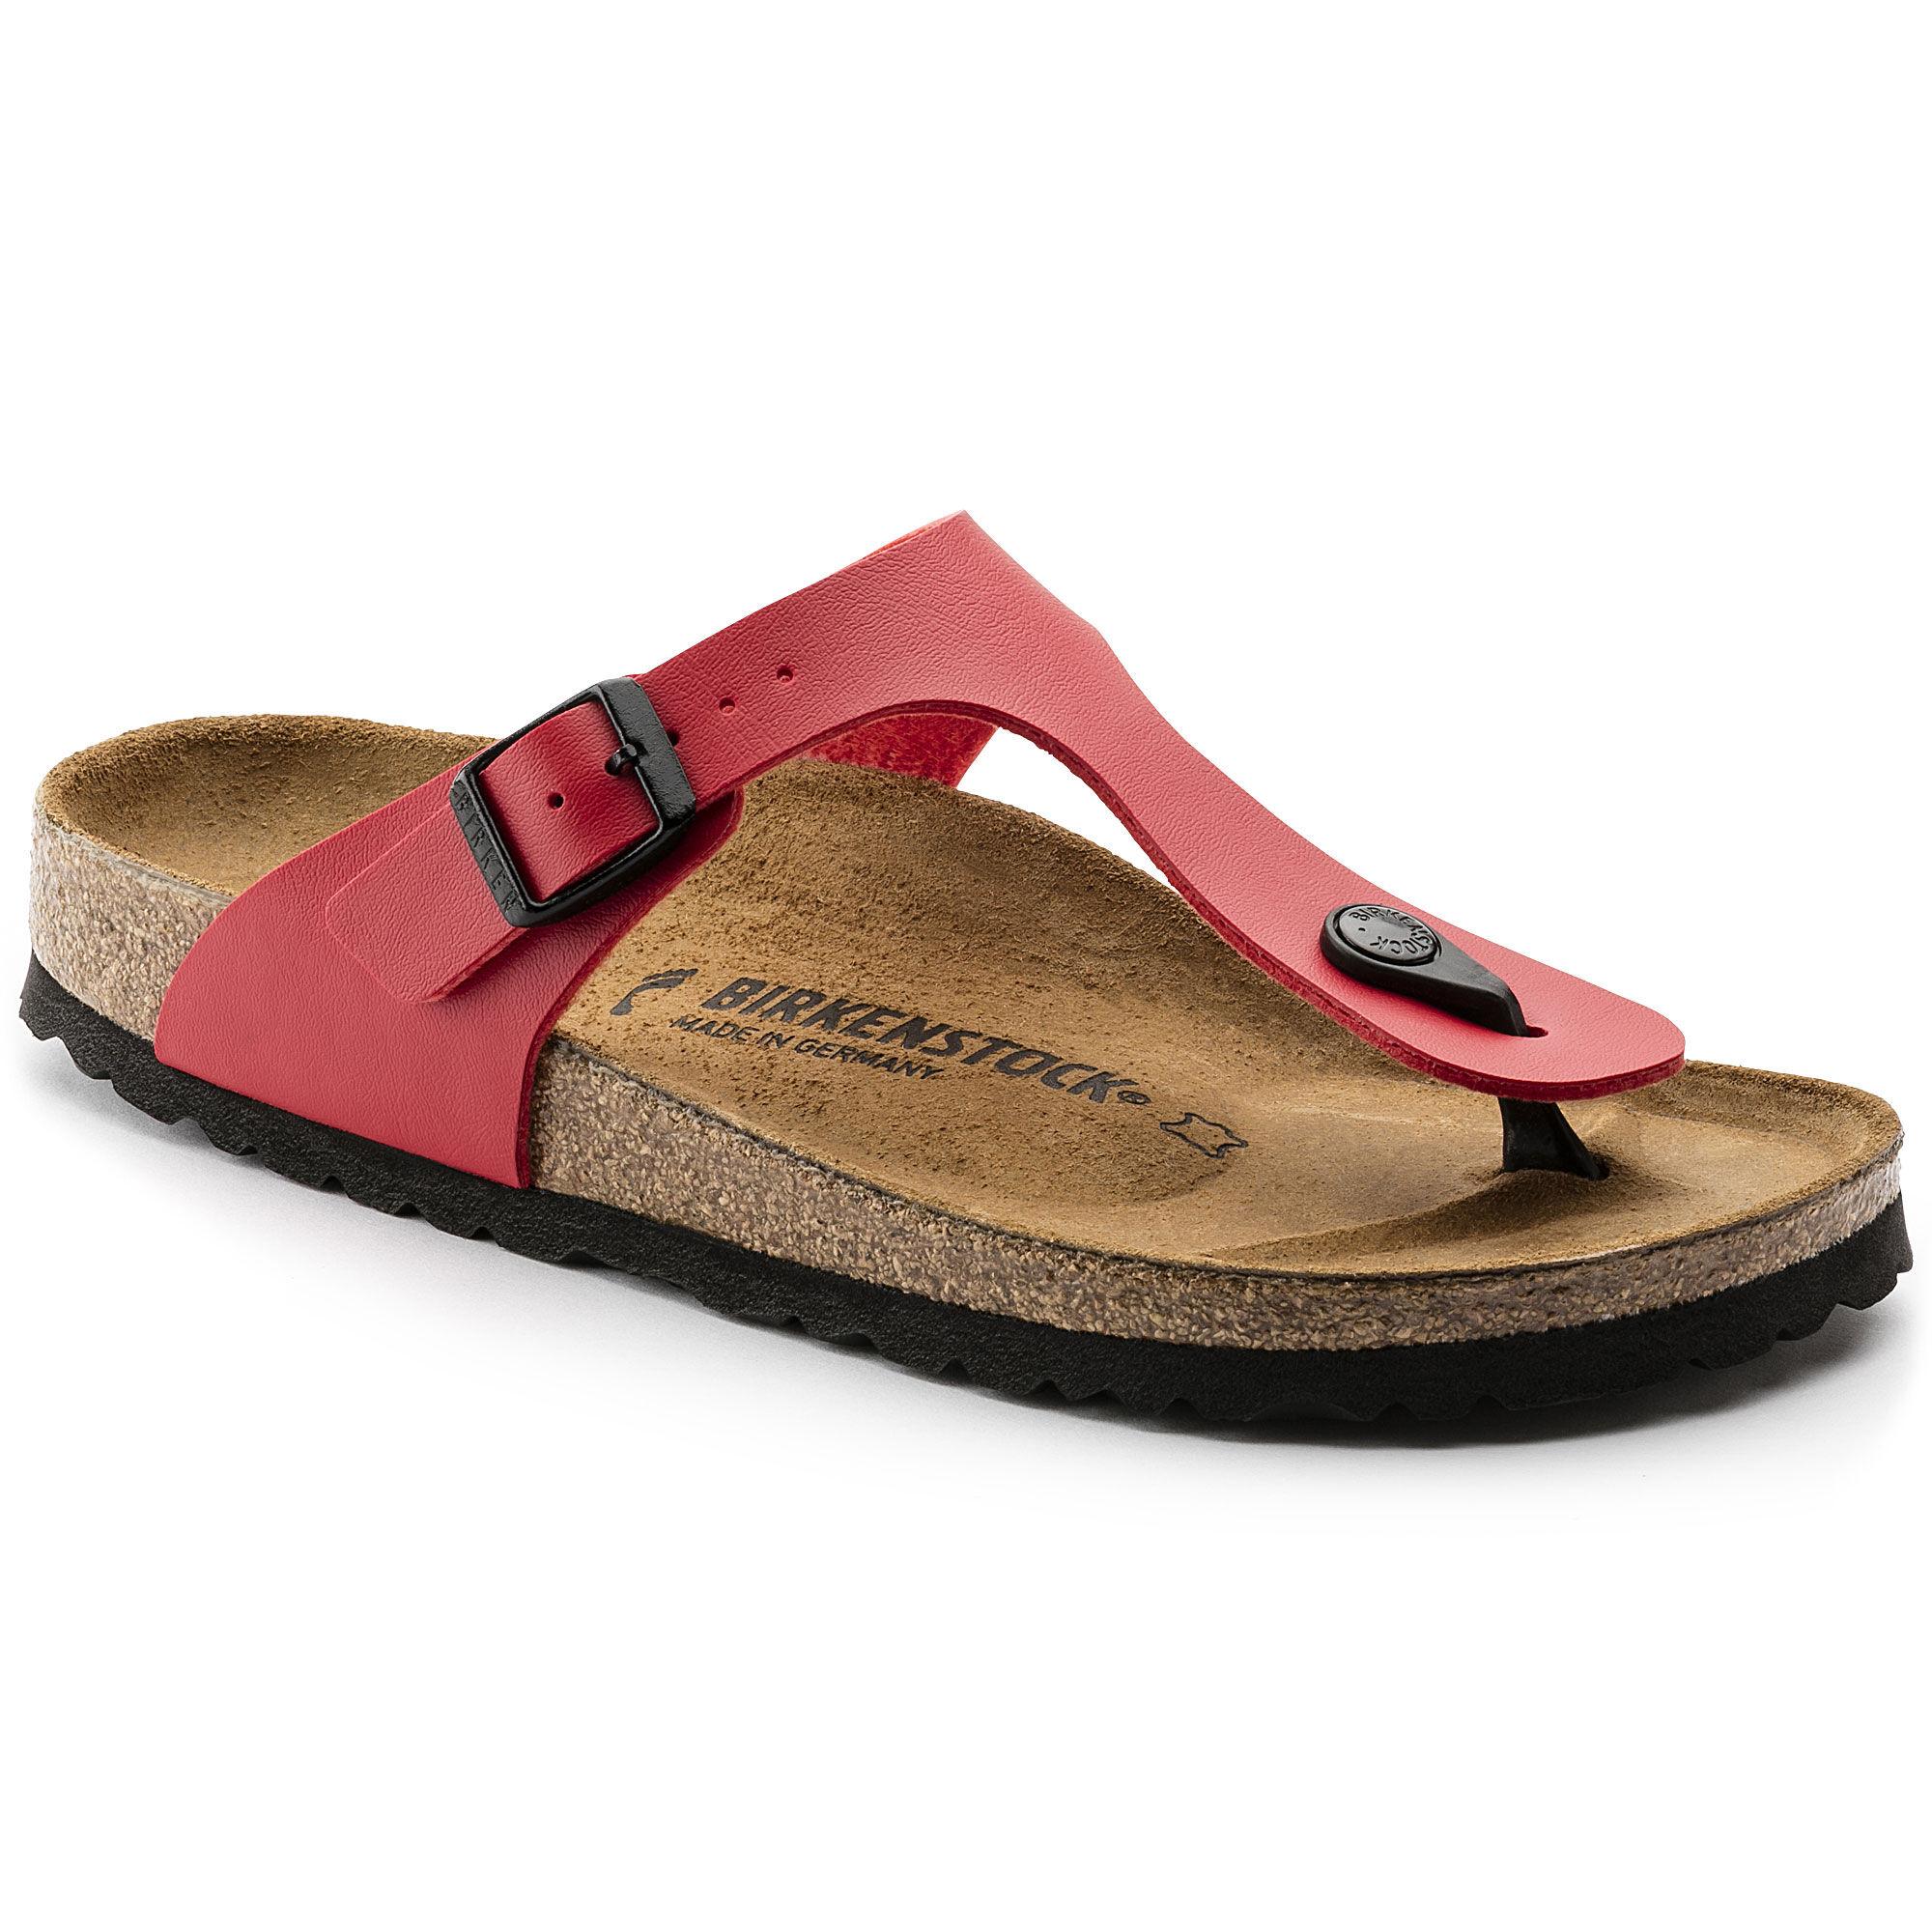 Newest Birkenstock Gizeh Flor W Pink Womens Flip Flops Outlet UK1069